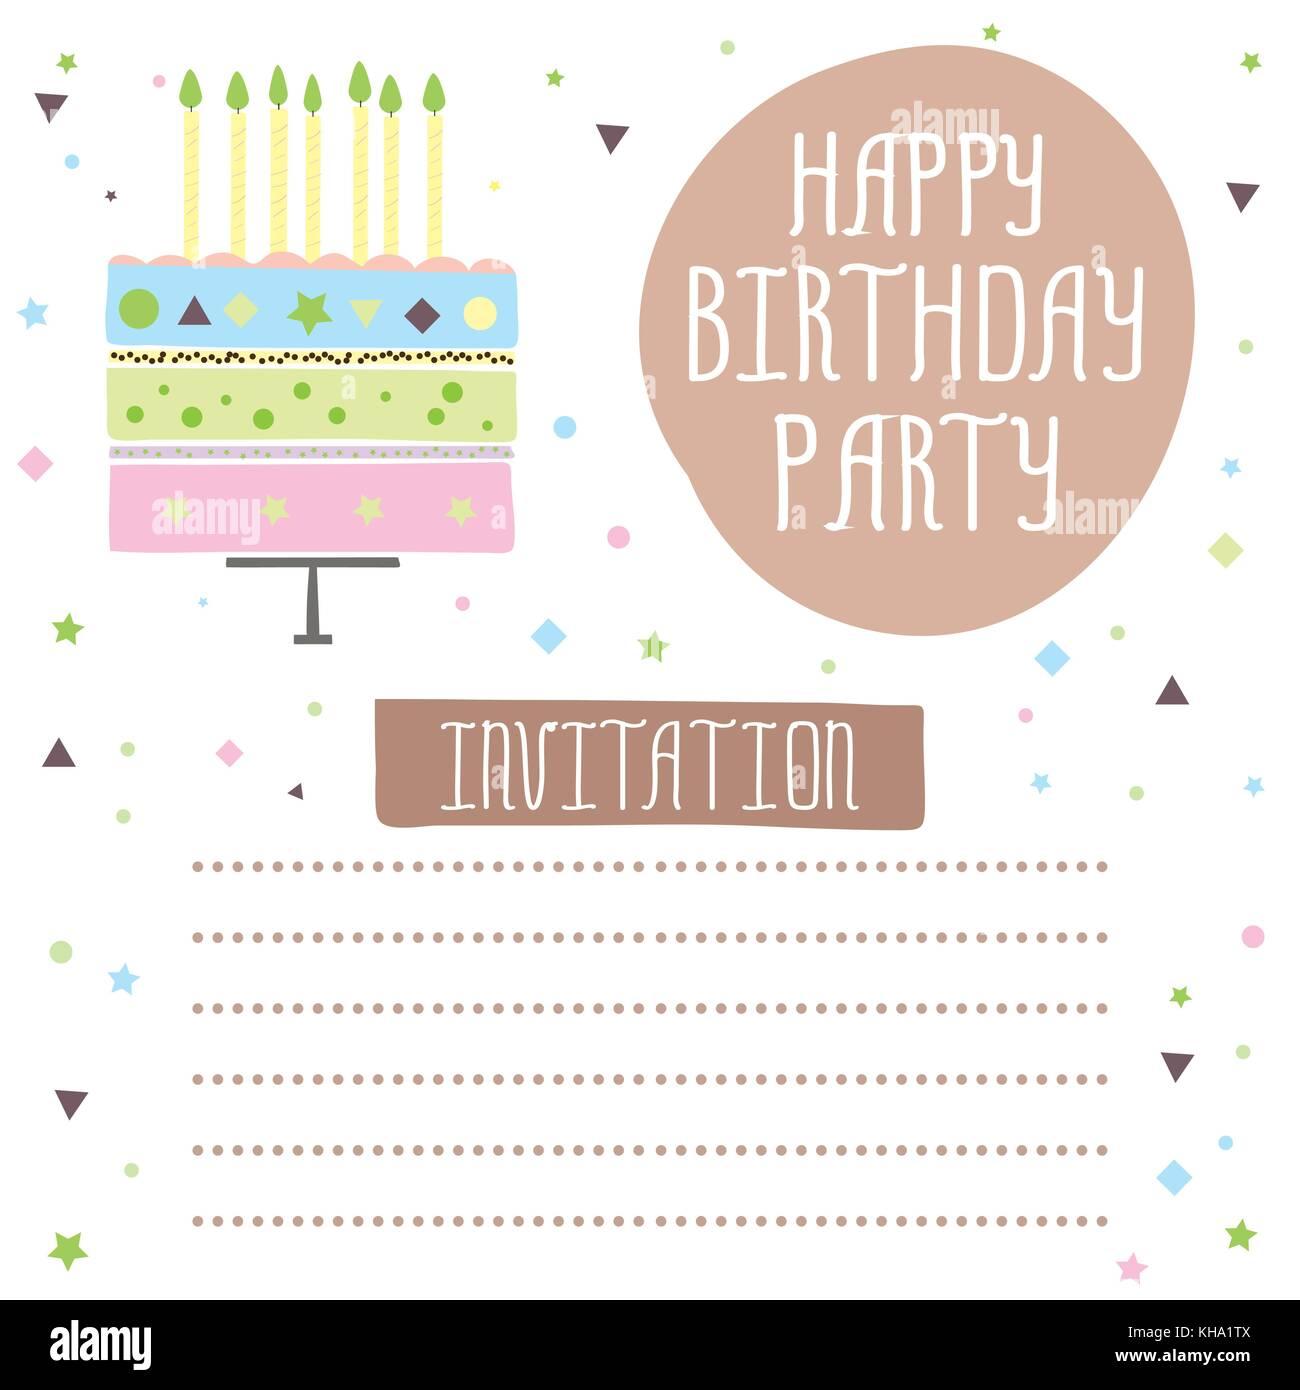 https www alamyimages fr photo image joyeux anniversaire jolie carte d invitation avec gateau bougies vector illustration 165563466 html